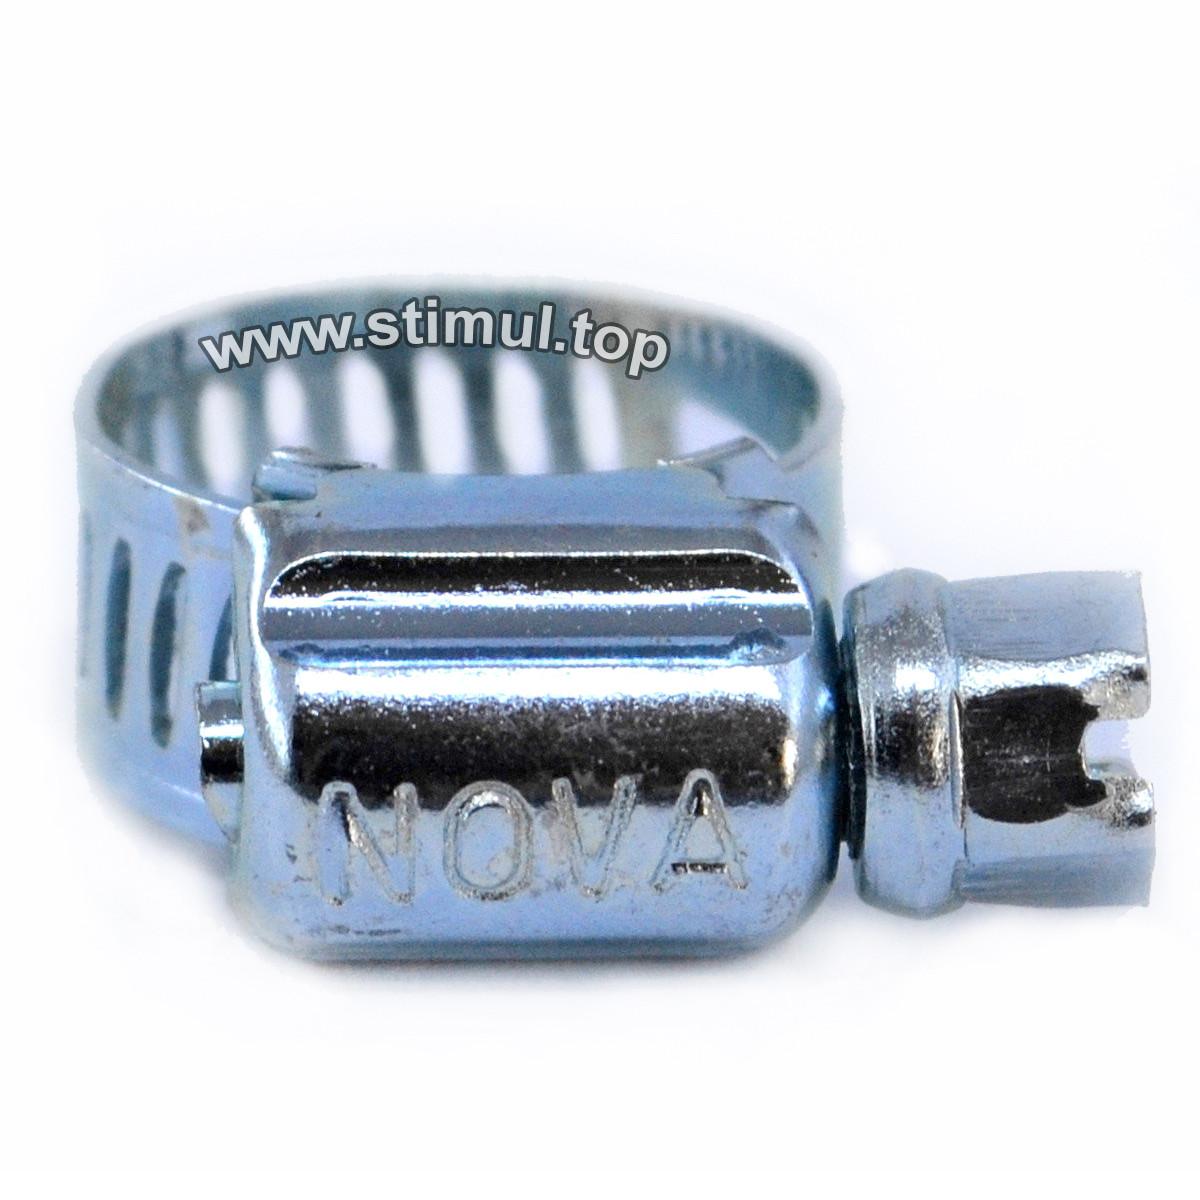 Хомут червячный Nova 16-25 мм (50 шт/уп) обжимной для шлангов